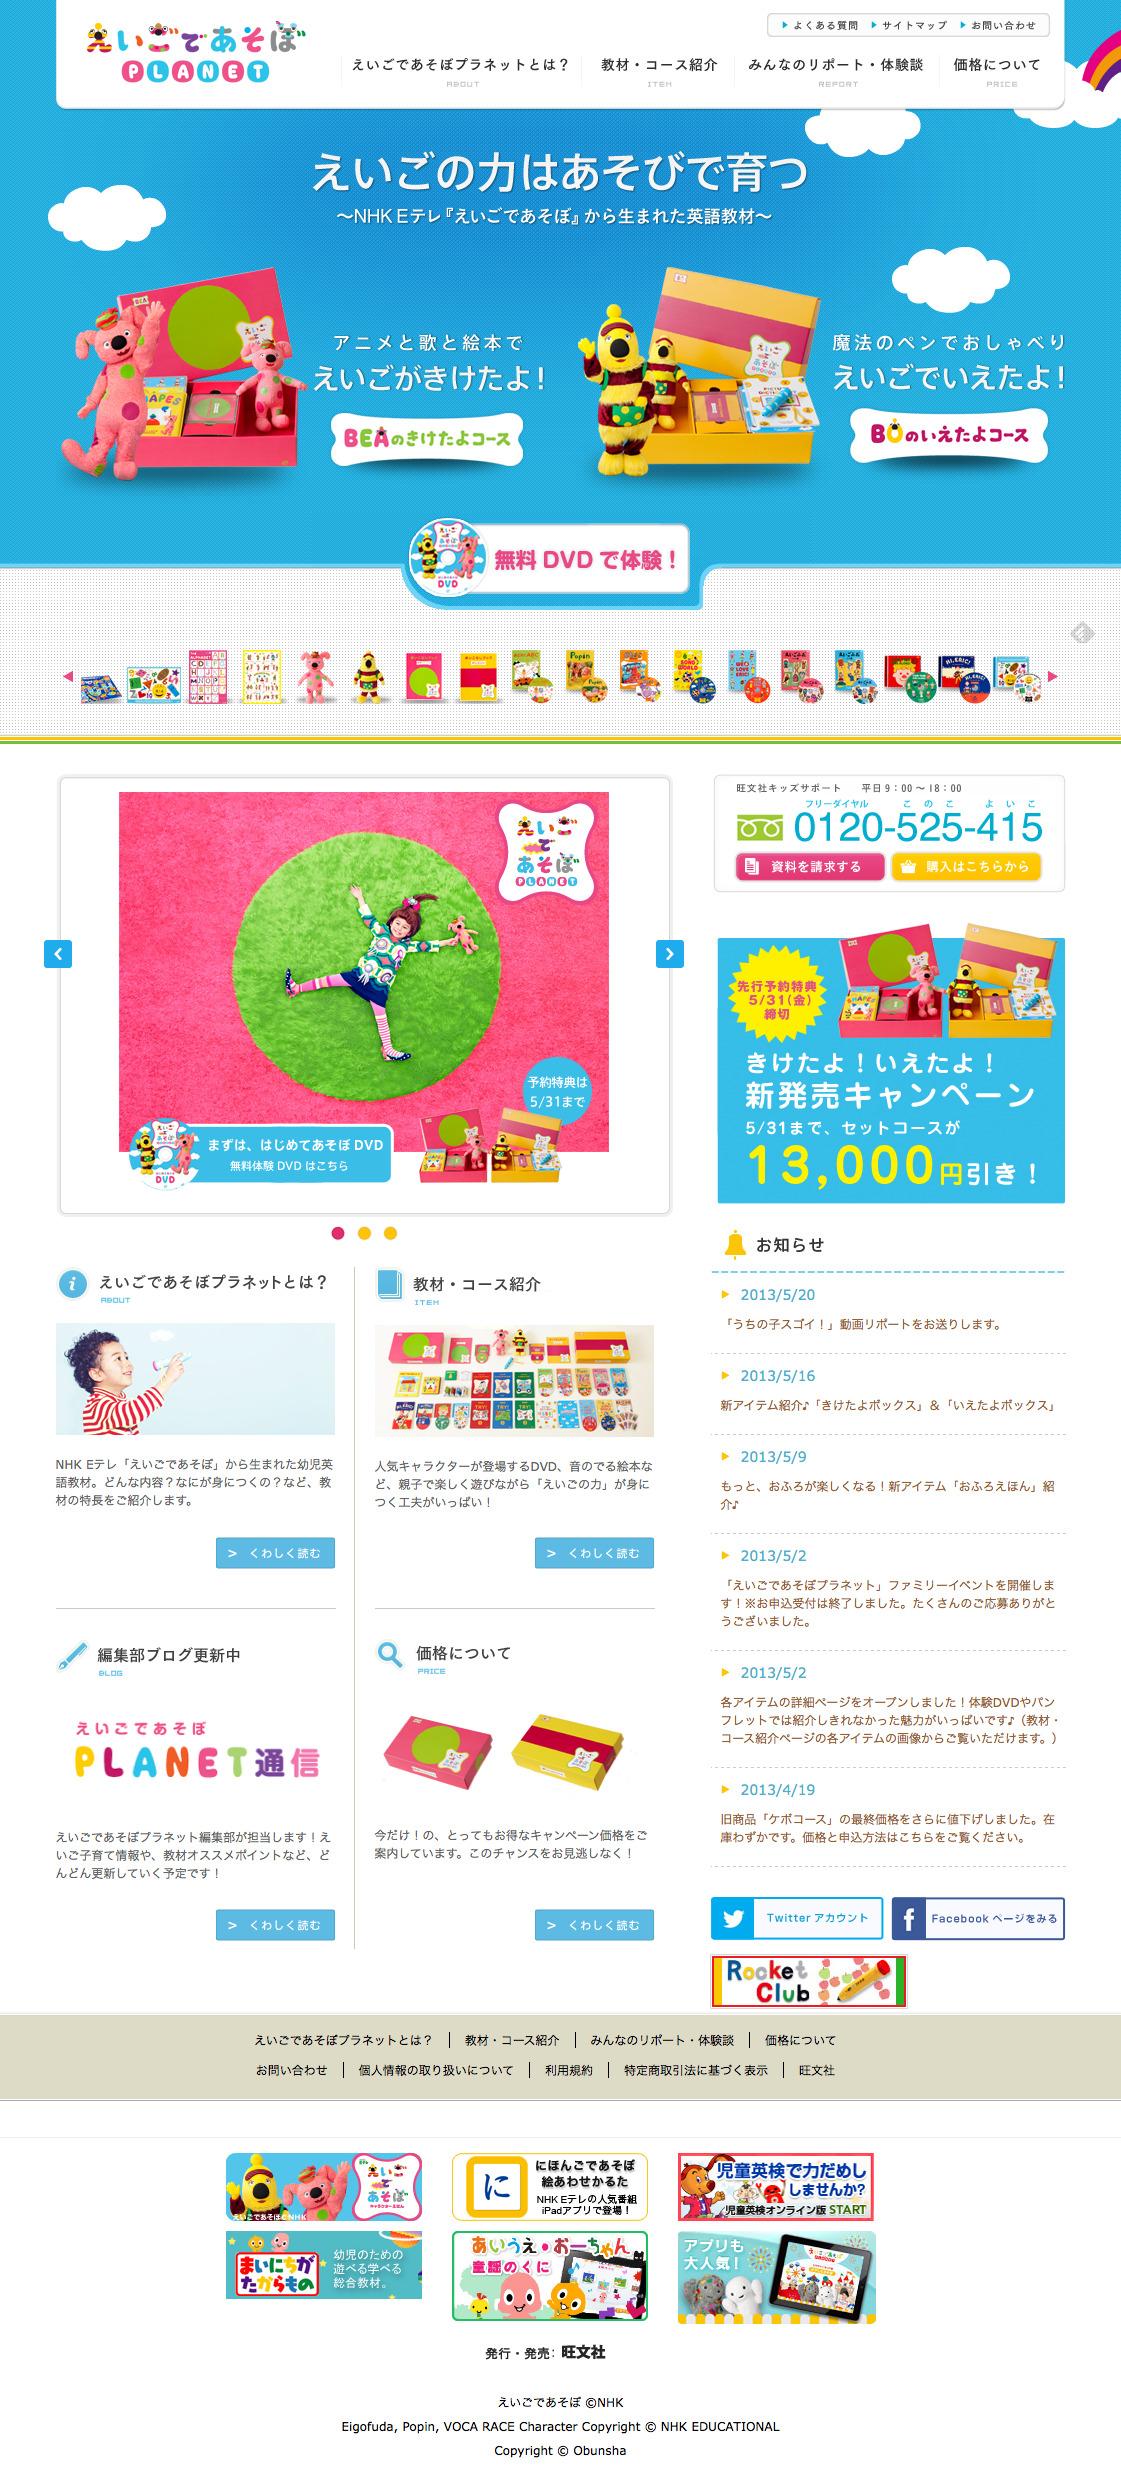 えいごであそぼプラネット|幼児英語の教材|はじめてあそぼDVD無料プレゼント!|NHKの人気番組から誕生!